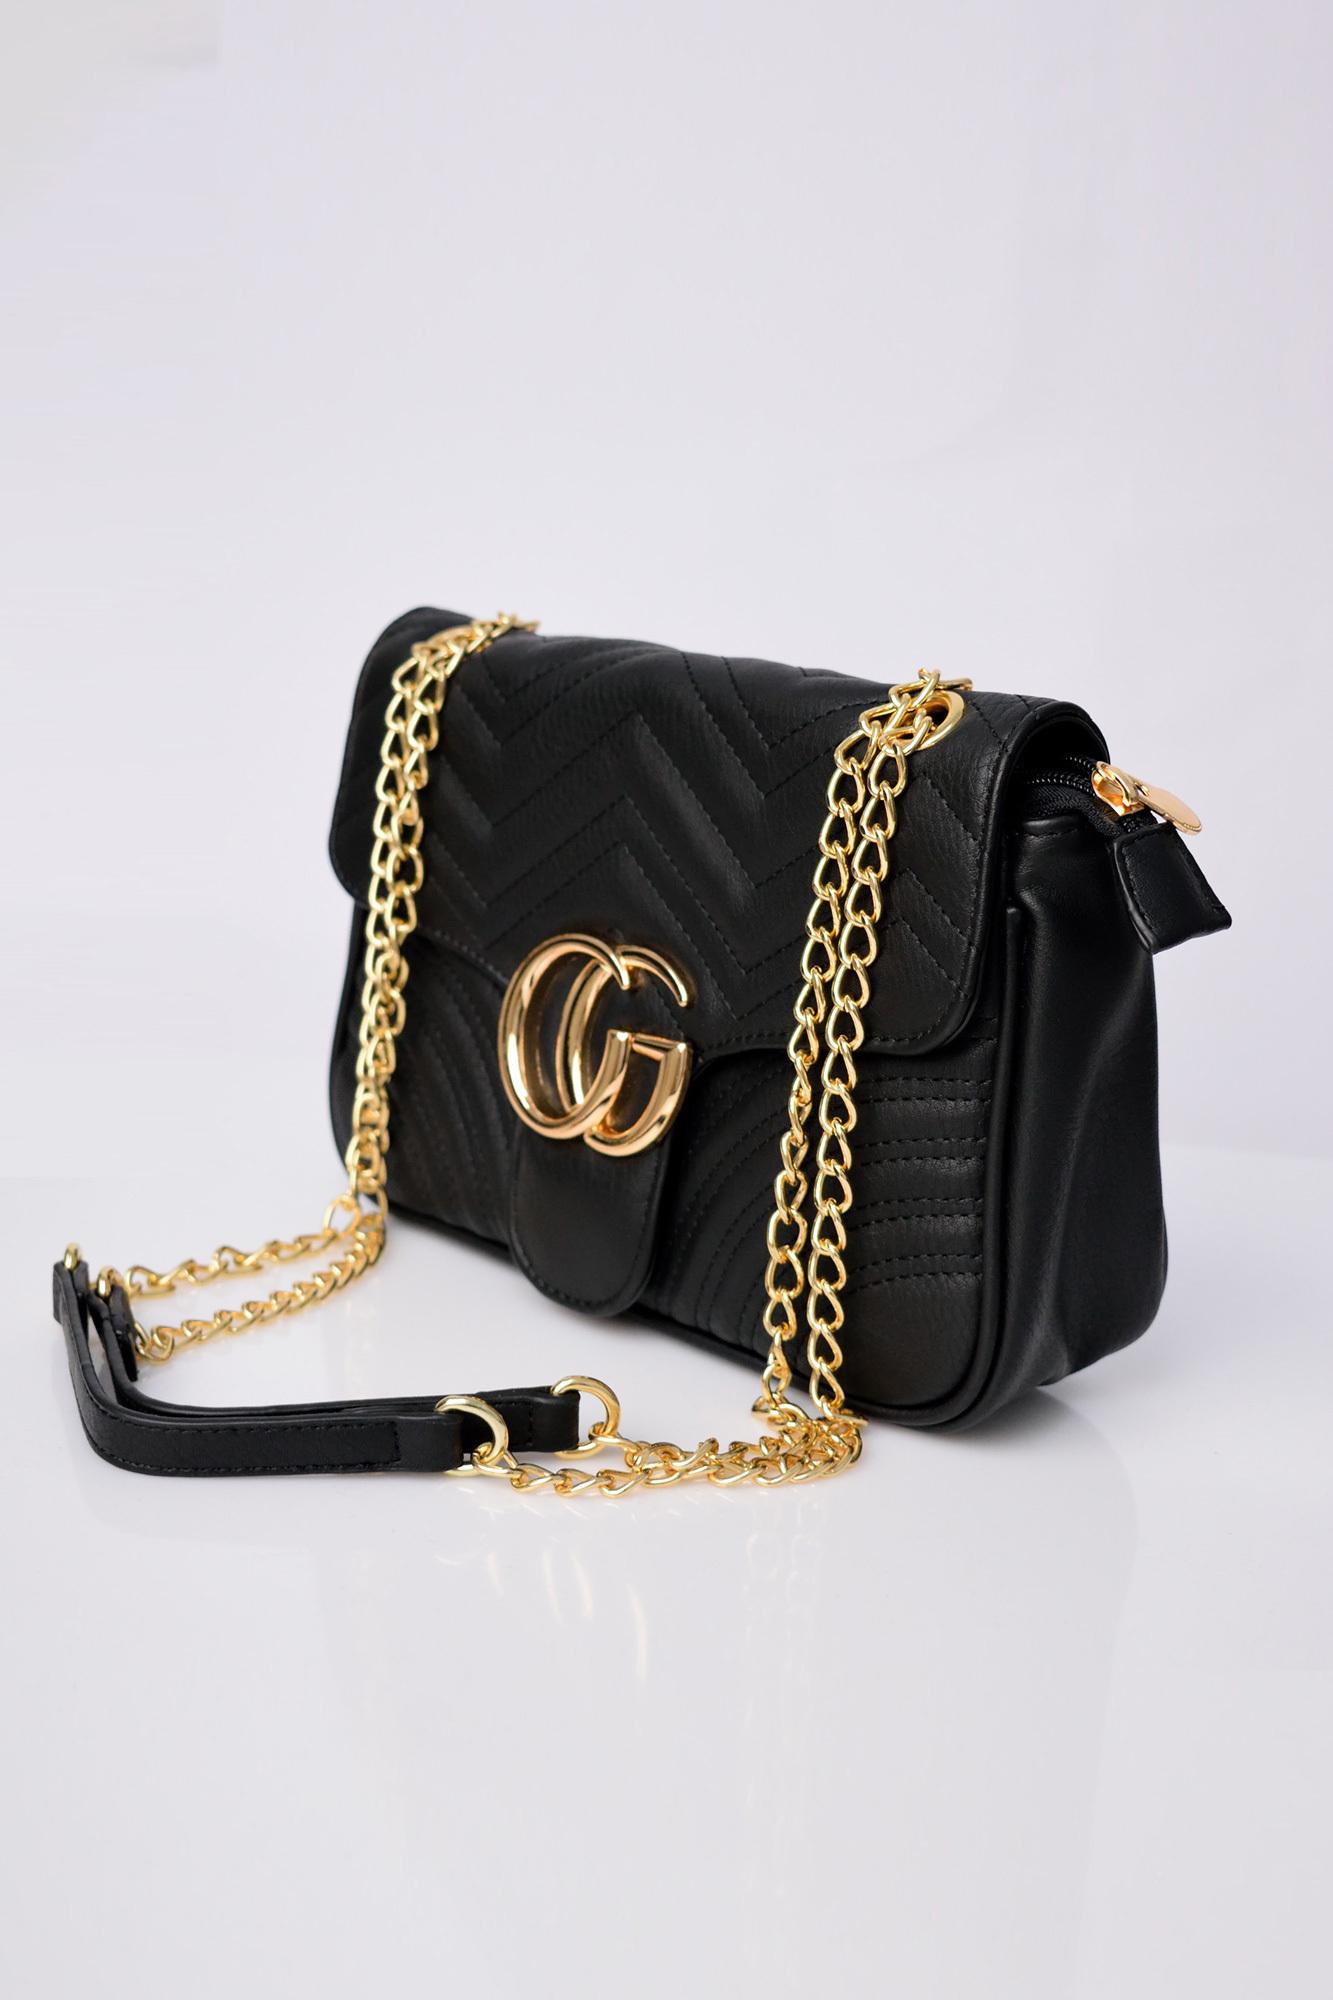 9e53392c0a0 Τσάντα καπιτονέ με χρυσή αλυσίδα